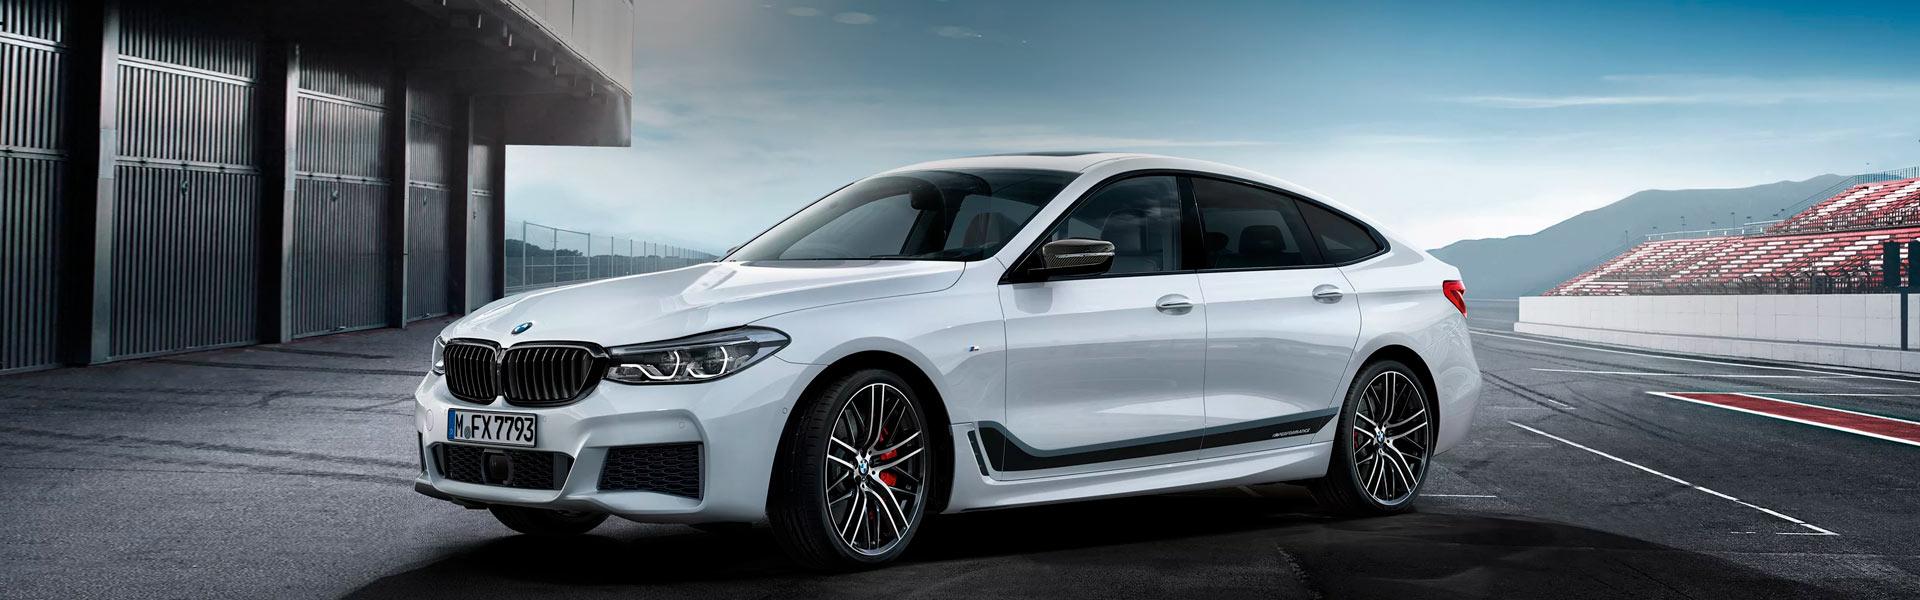 Амортизаторы на BMW 6-series